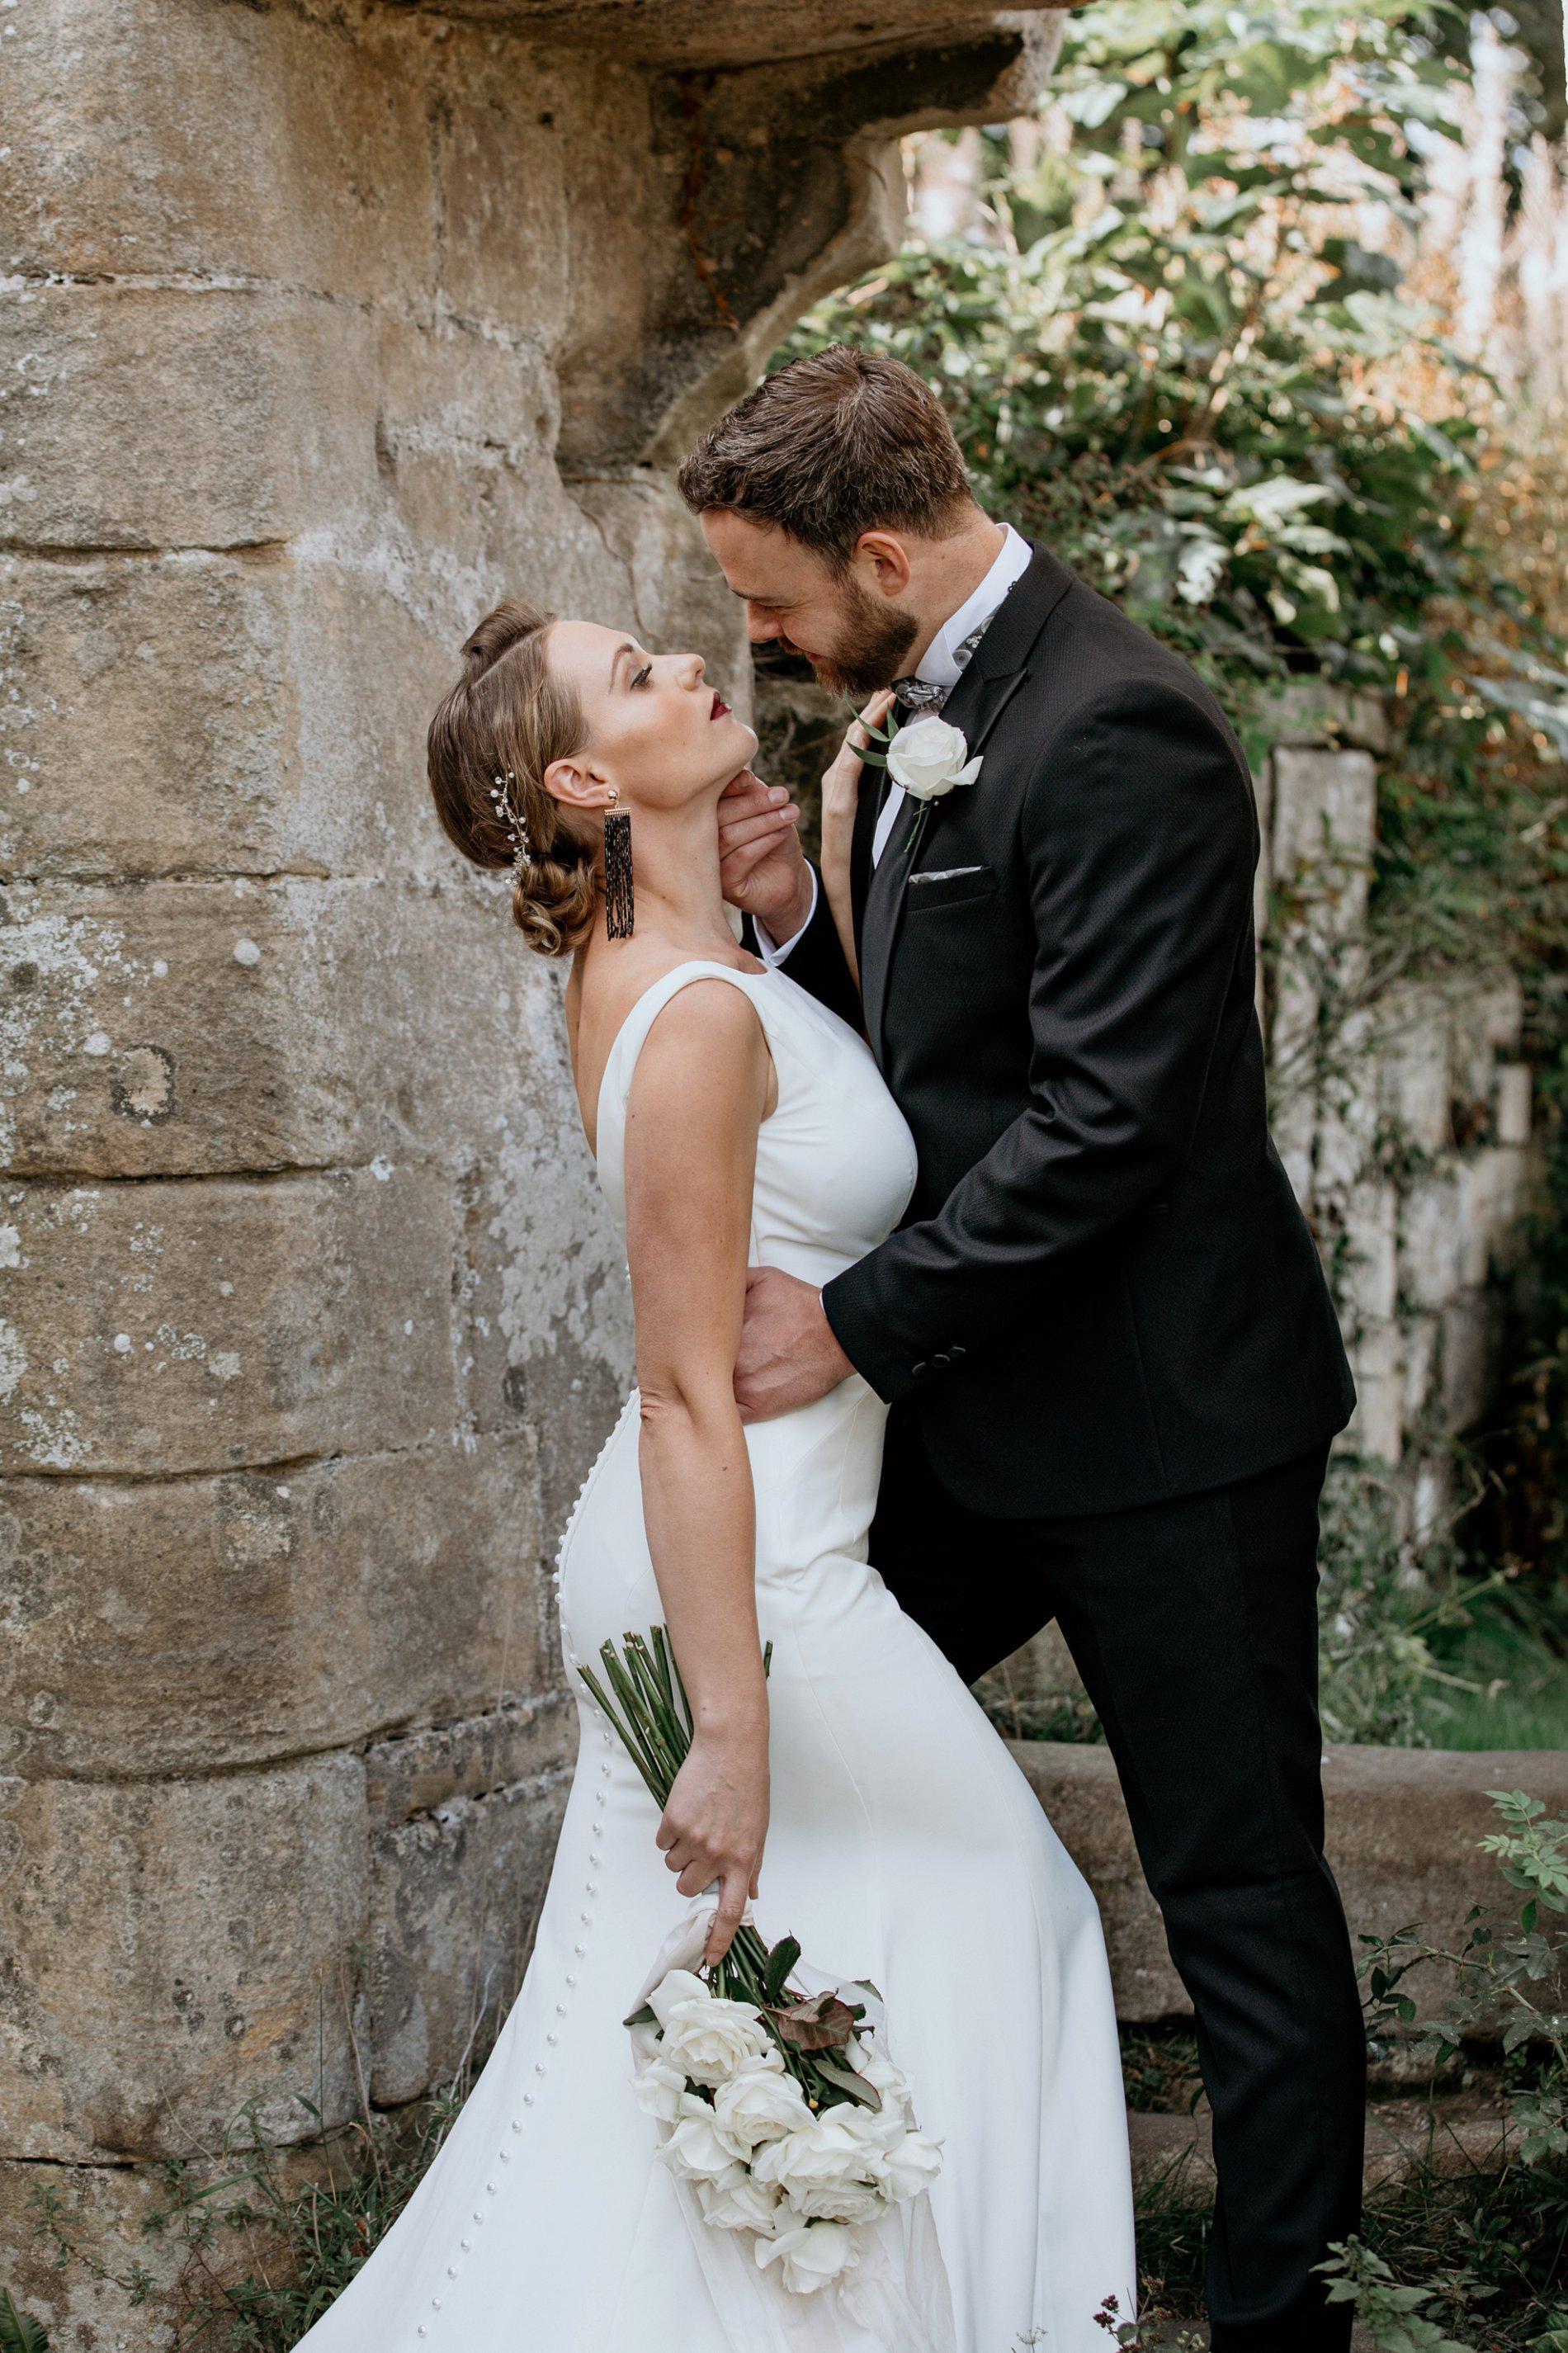 An Elegant Wedding Shoot at Jervaulx Abbey (c) Natalie Hamilton Photography (2)